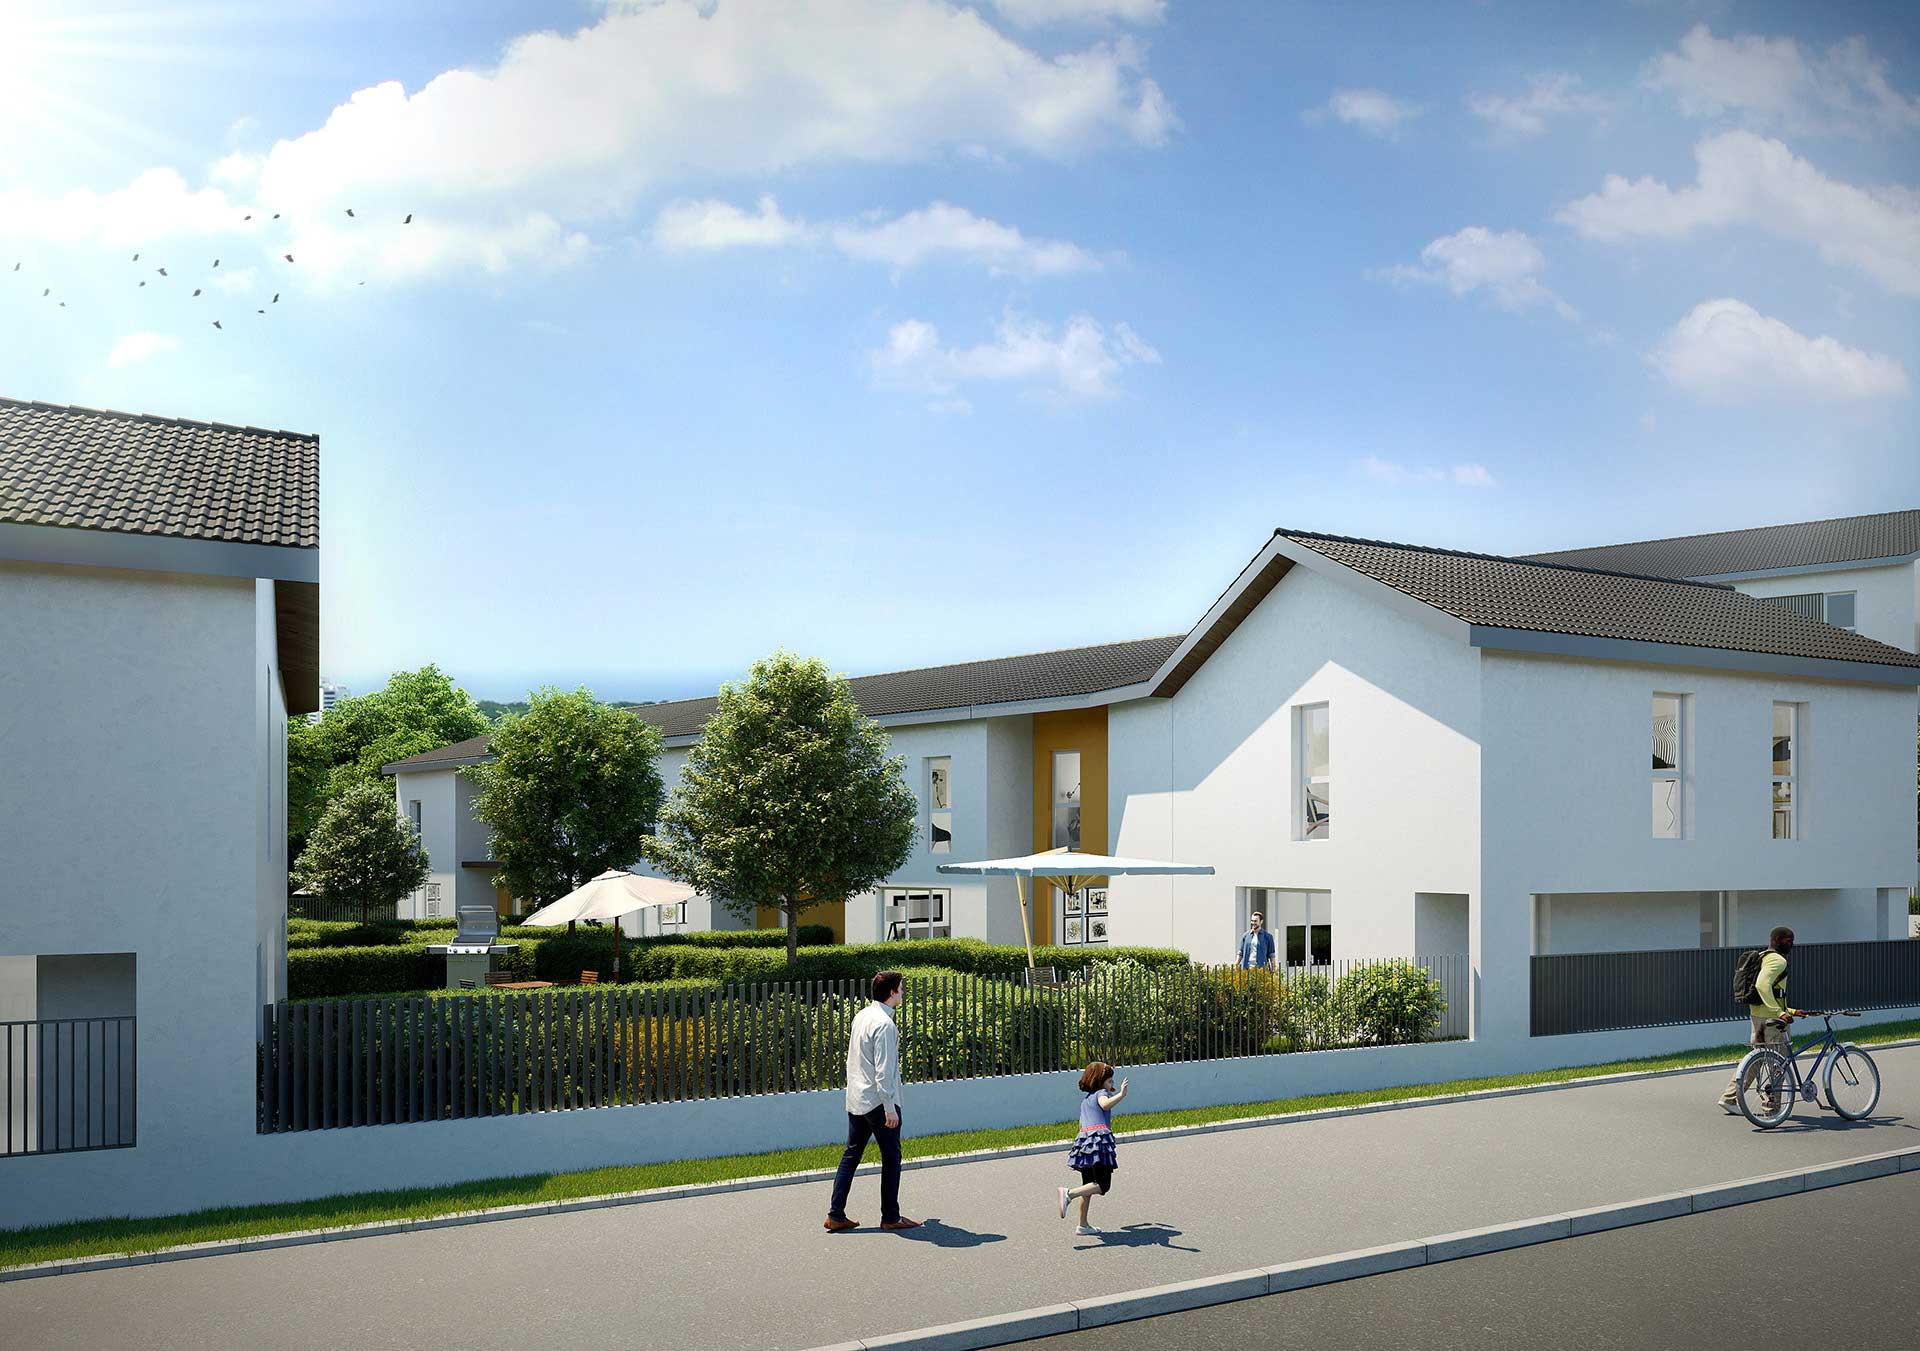 Photo de logement neuf en trois dimension par l'agence de graphistes 3D Valentin Studio